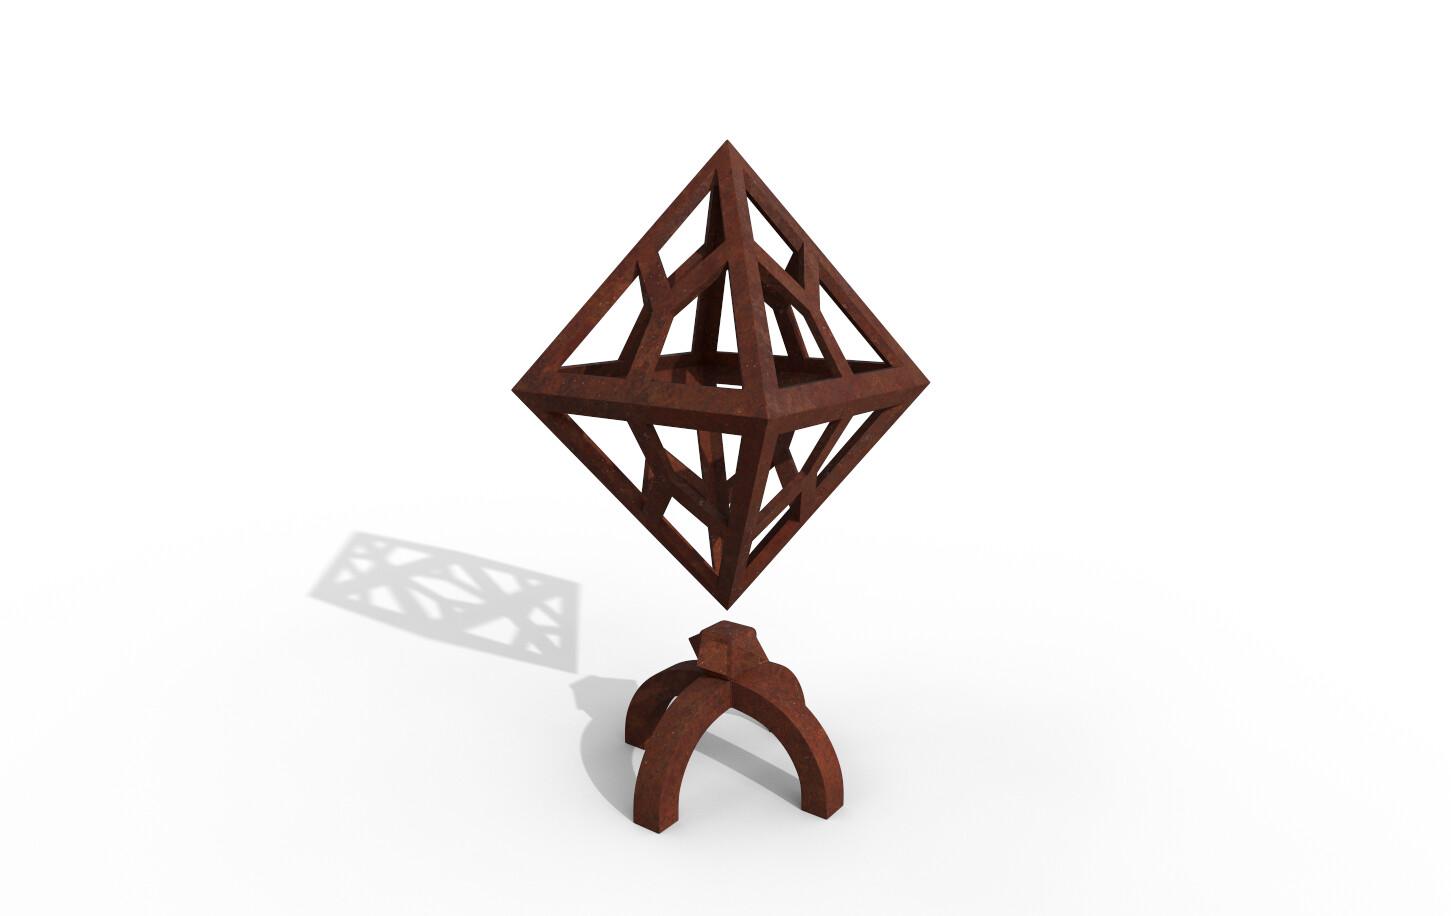 Joseph moniz cube001m